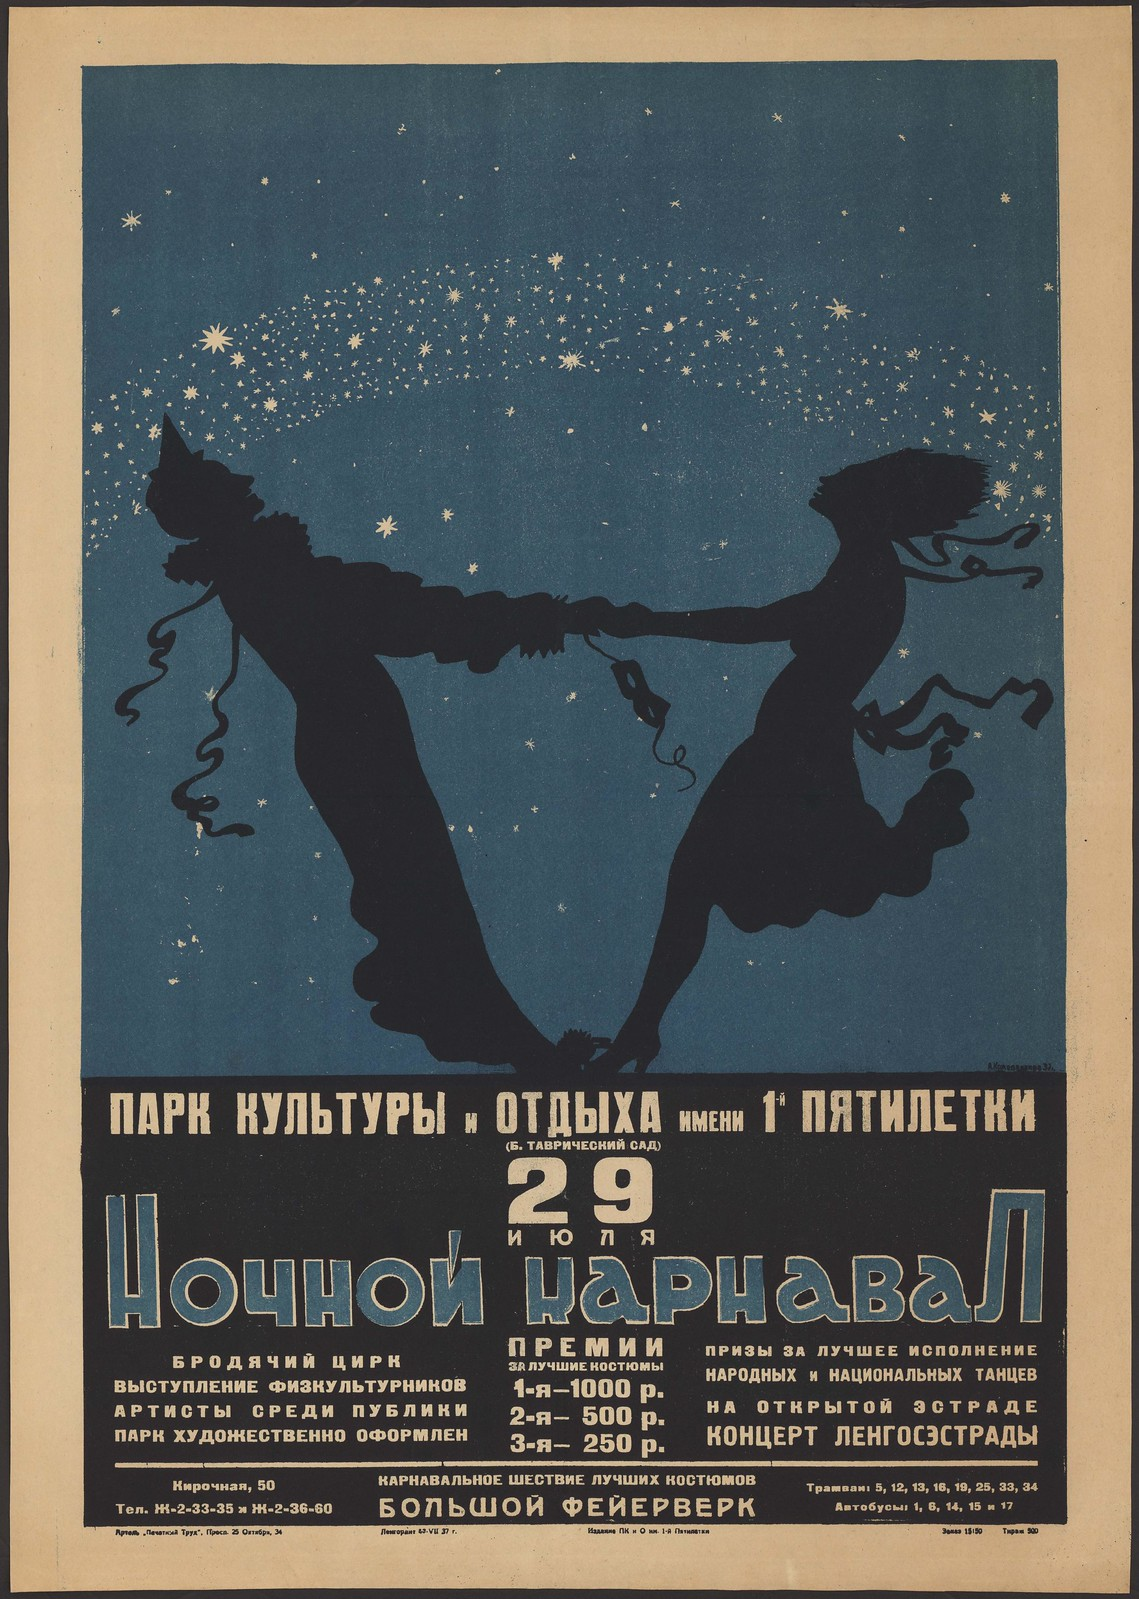 1937. Ночной карнавал. 29 июля. Парк культуры и отдыха имени 1-й пятилетки